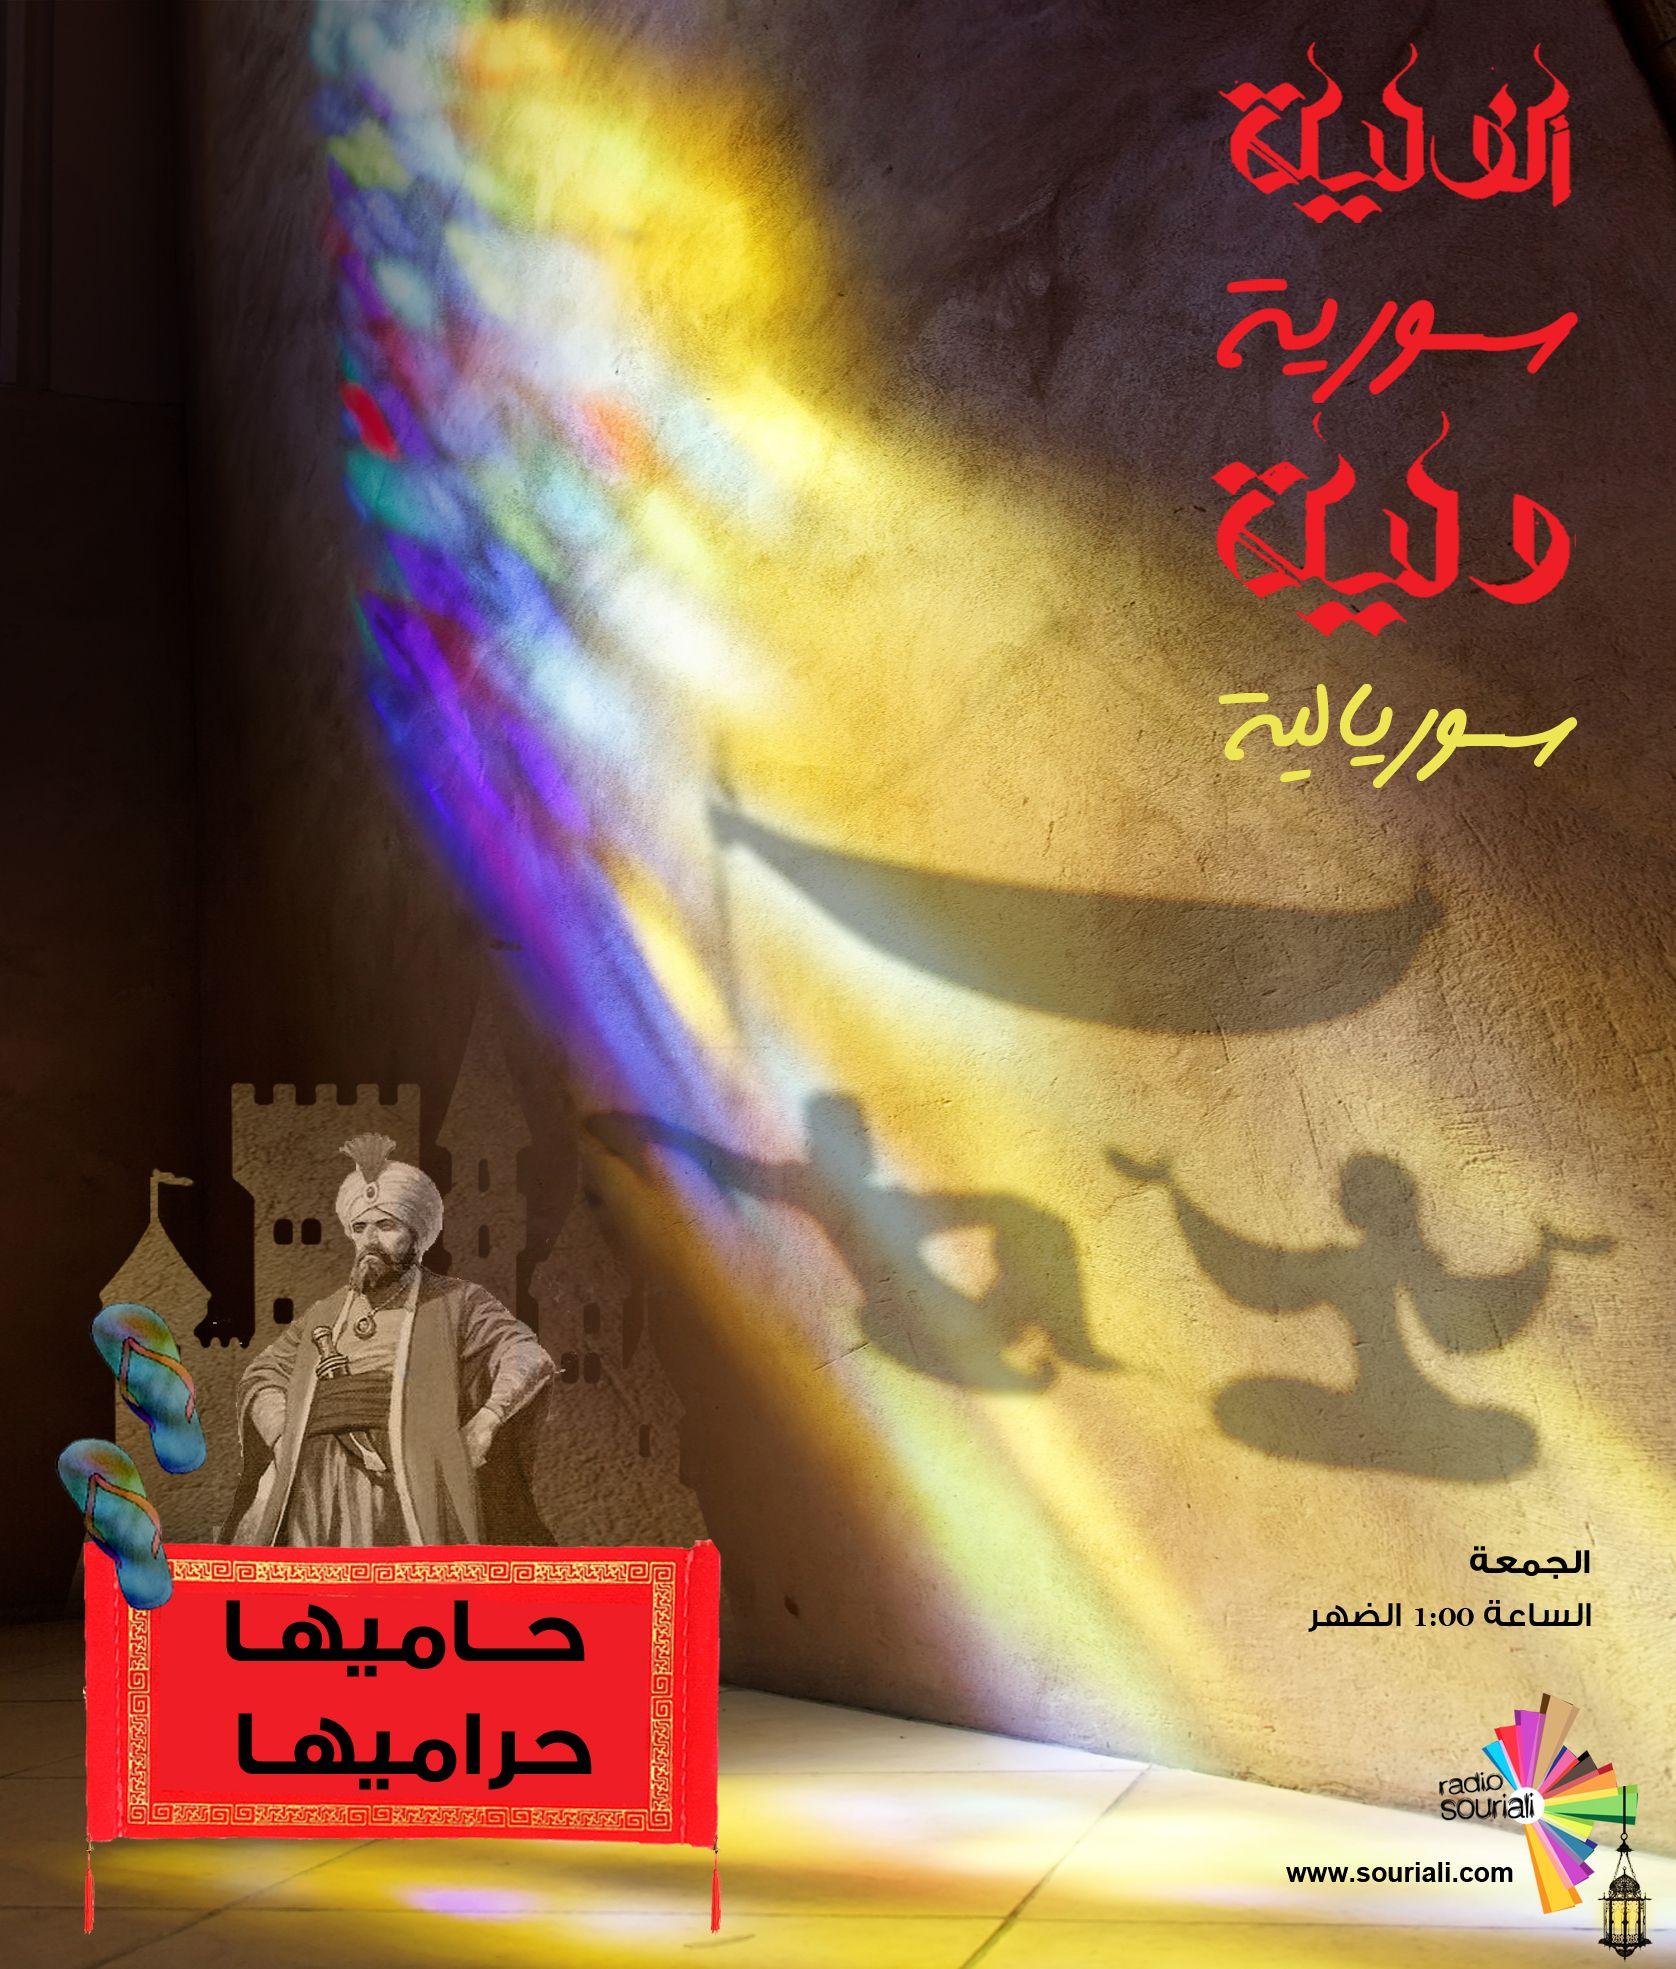 شهرزاد السورية رح تحكيلنا بكرة حكاية جديدة خل وكن معنا عالسمع الساعة ١ ٠٠ بتوقيت الشام Www Souriali Com Books Ramadan Book Cover